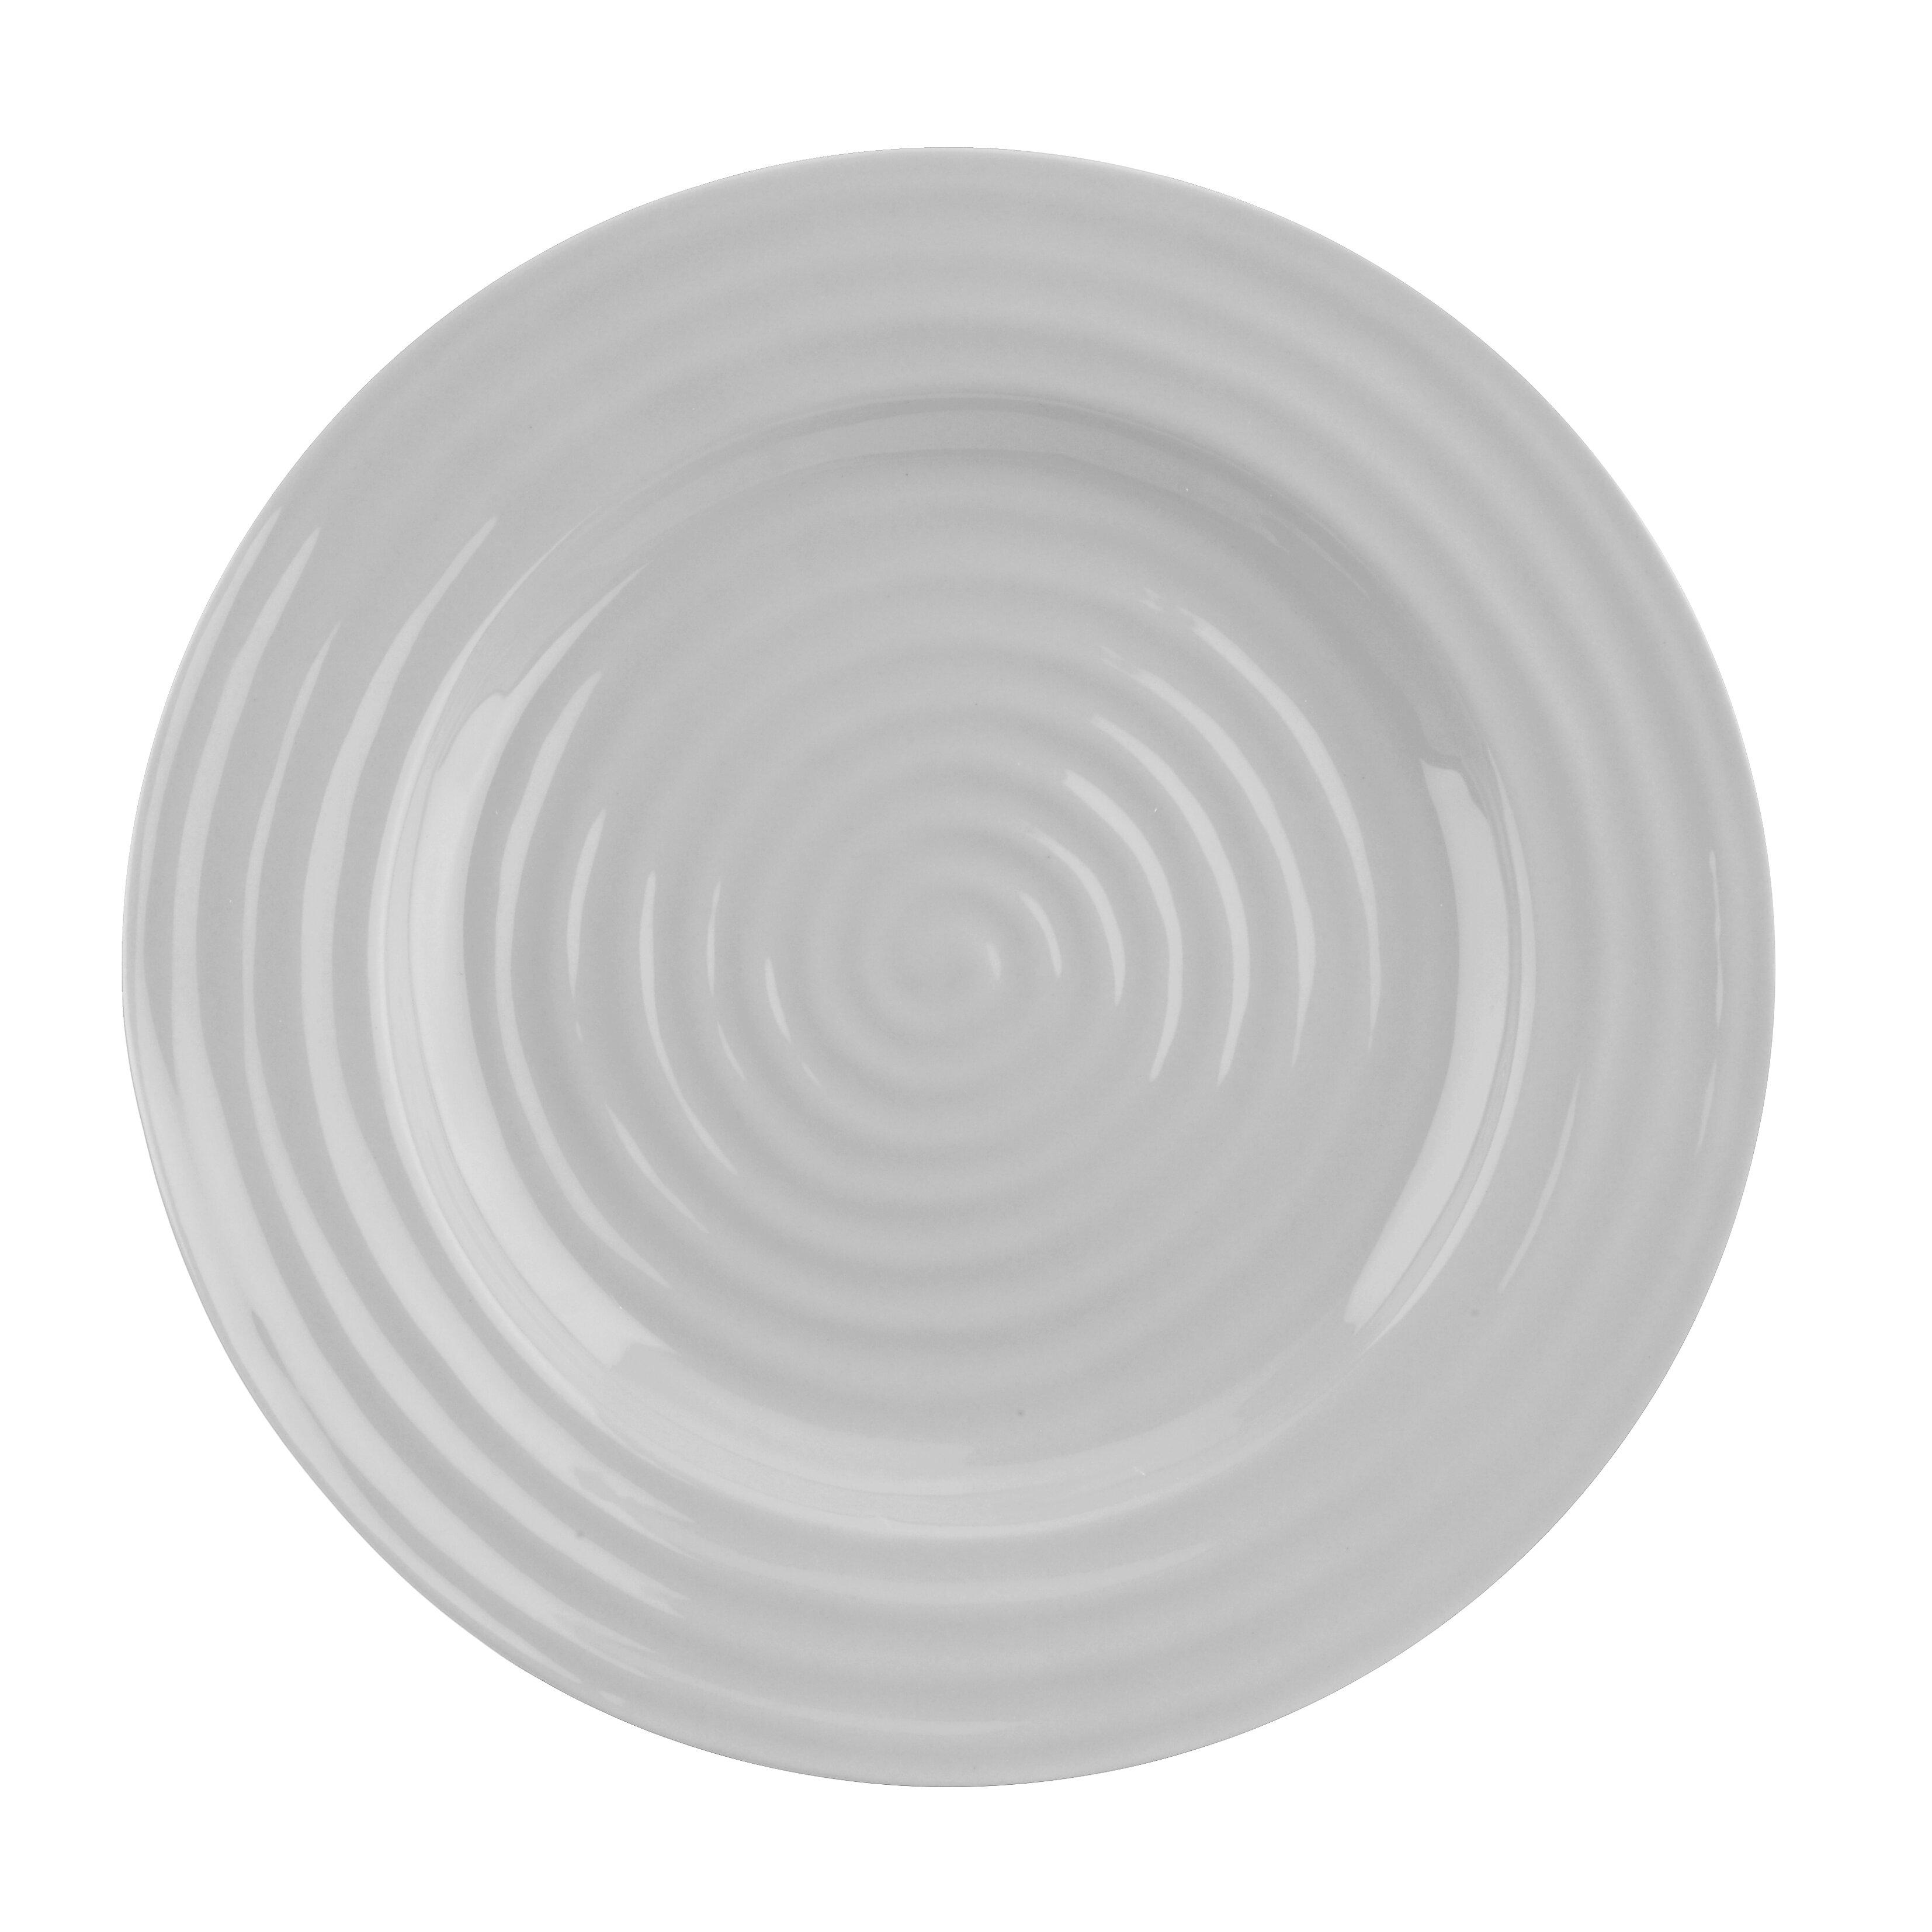 sc 1 st  Wayfair & Portmeirion Sophie Conran Luncheon Plate Set | Wayfair.ca